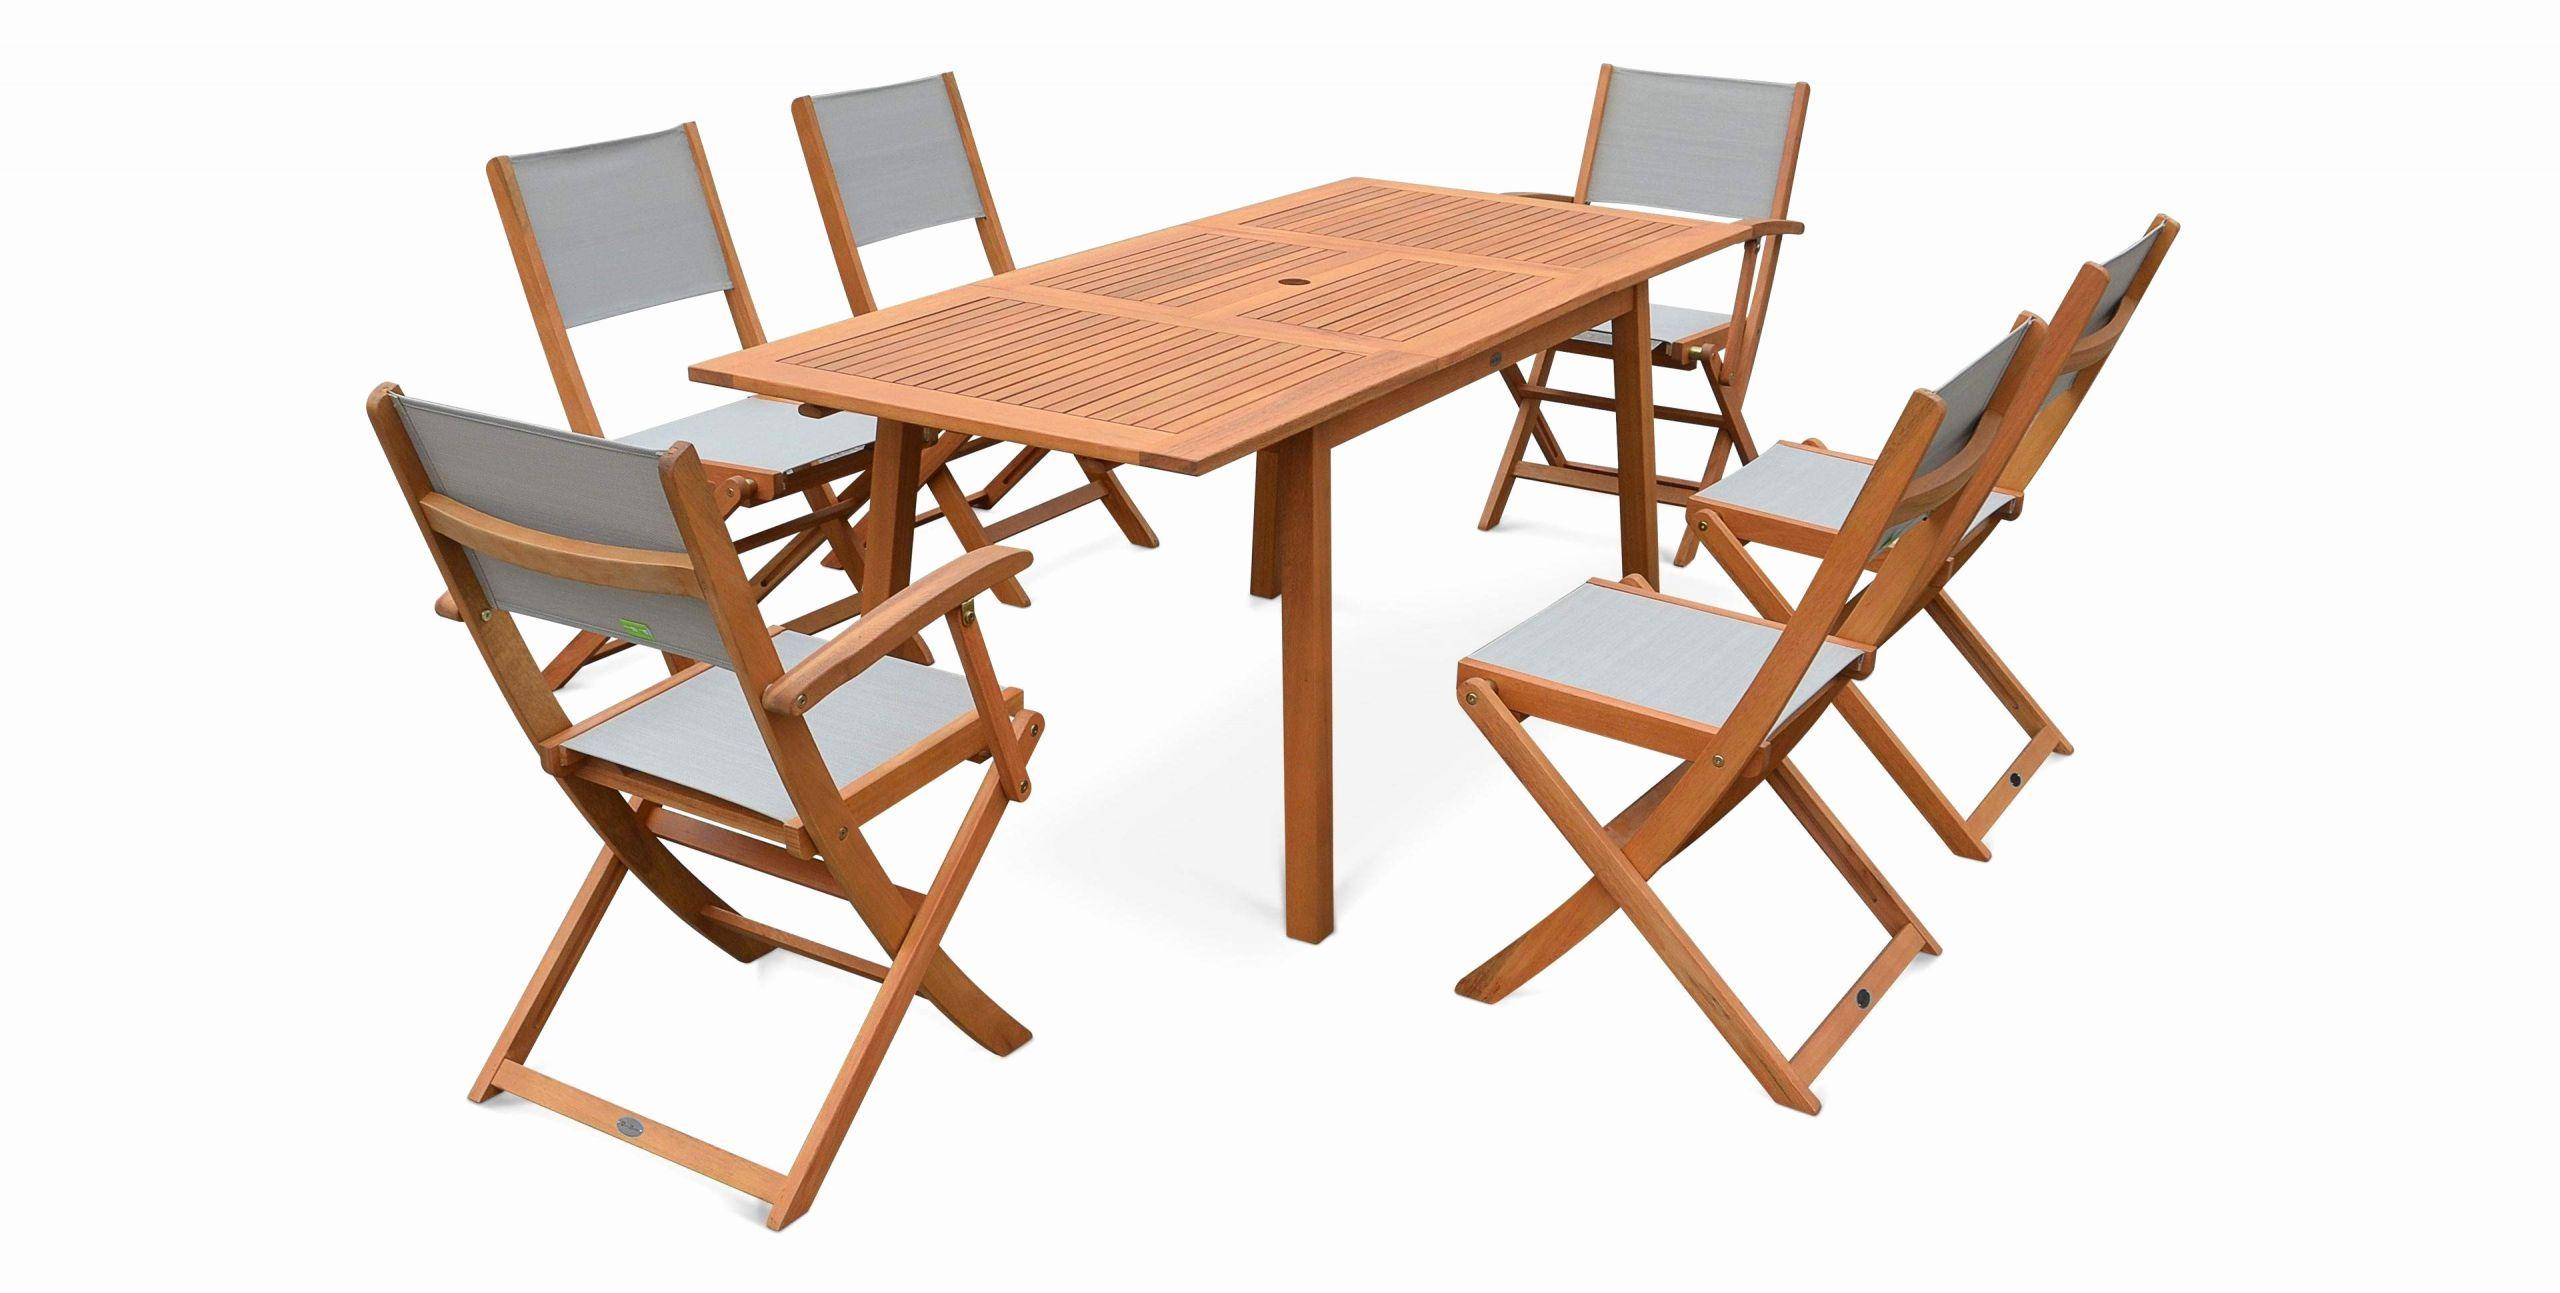 Table Exterieur Charmant 73 Frais Salon De Jardin Leclerc ... tout Salon De Jardin Brico Leclerc